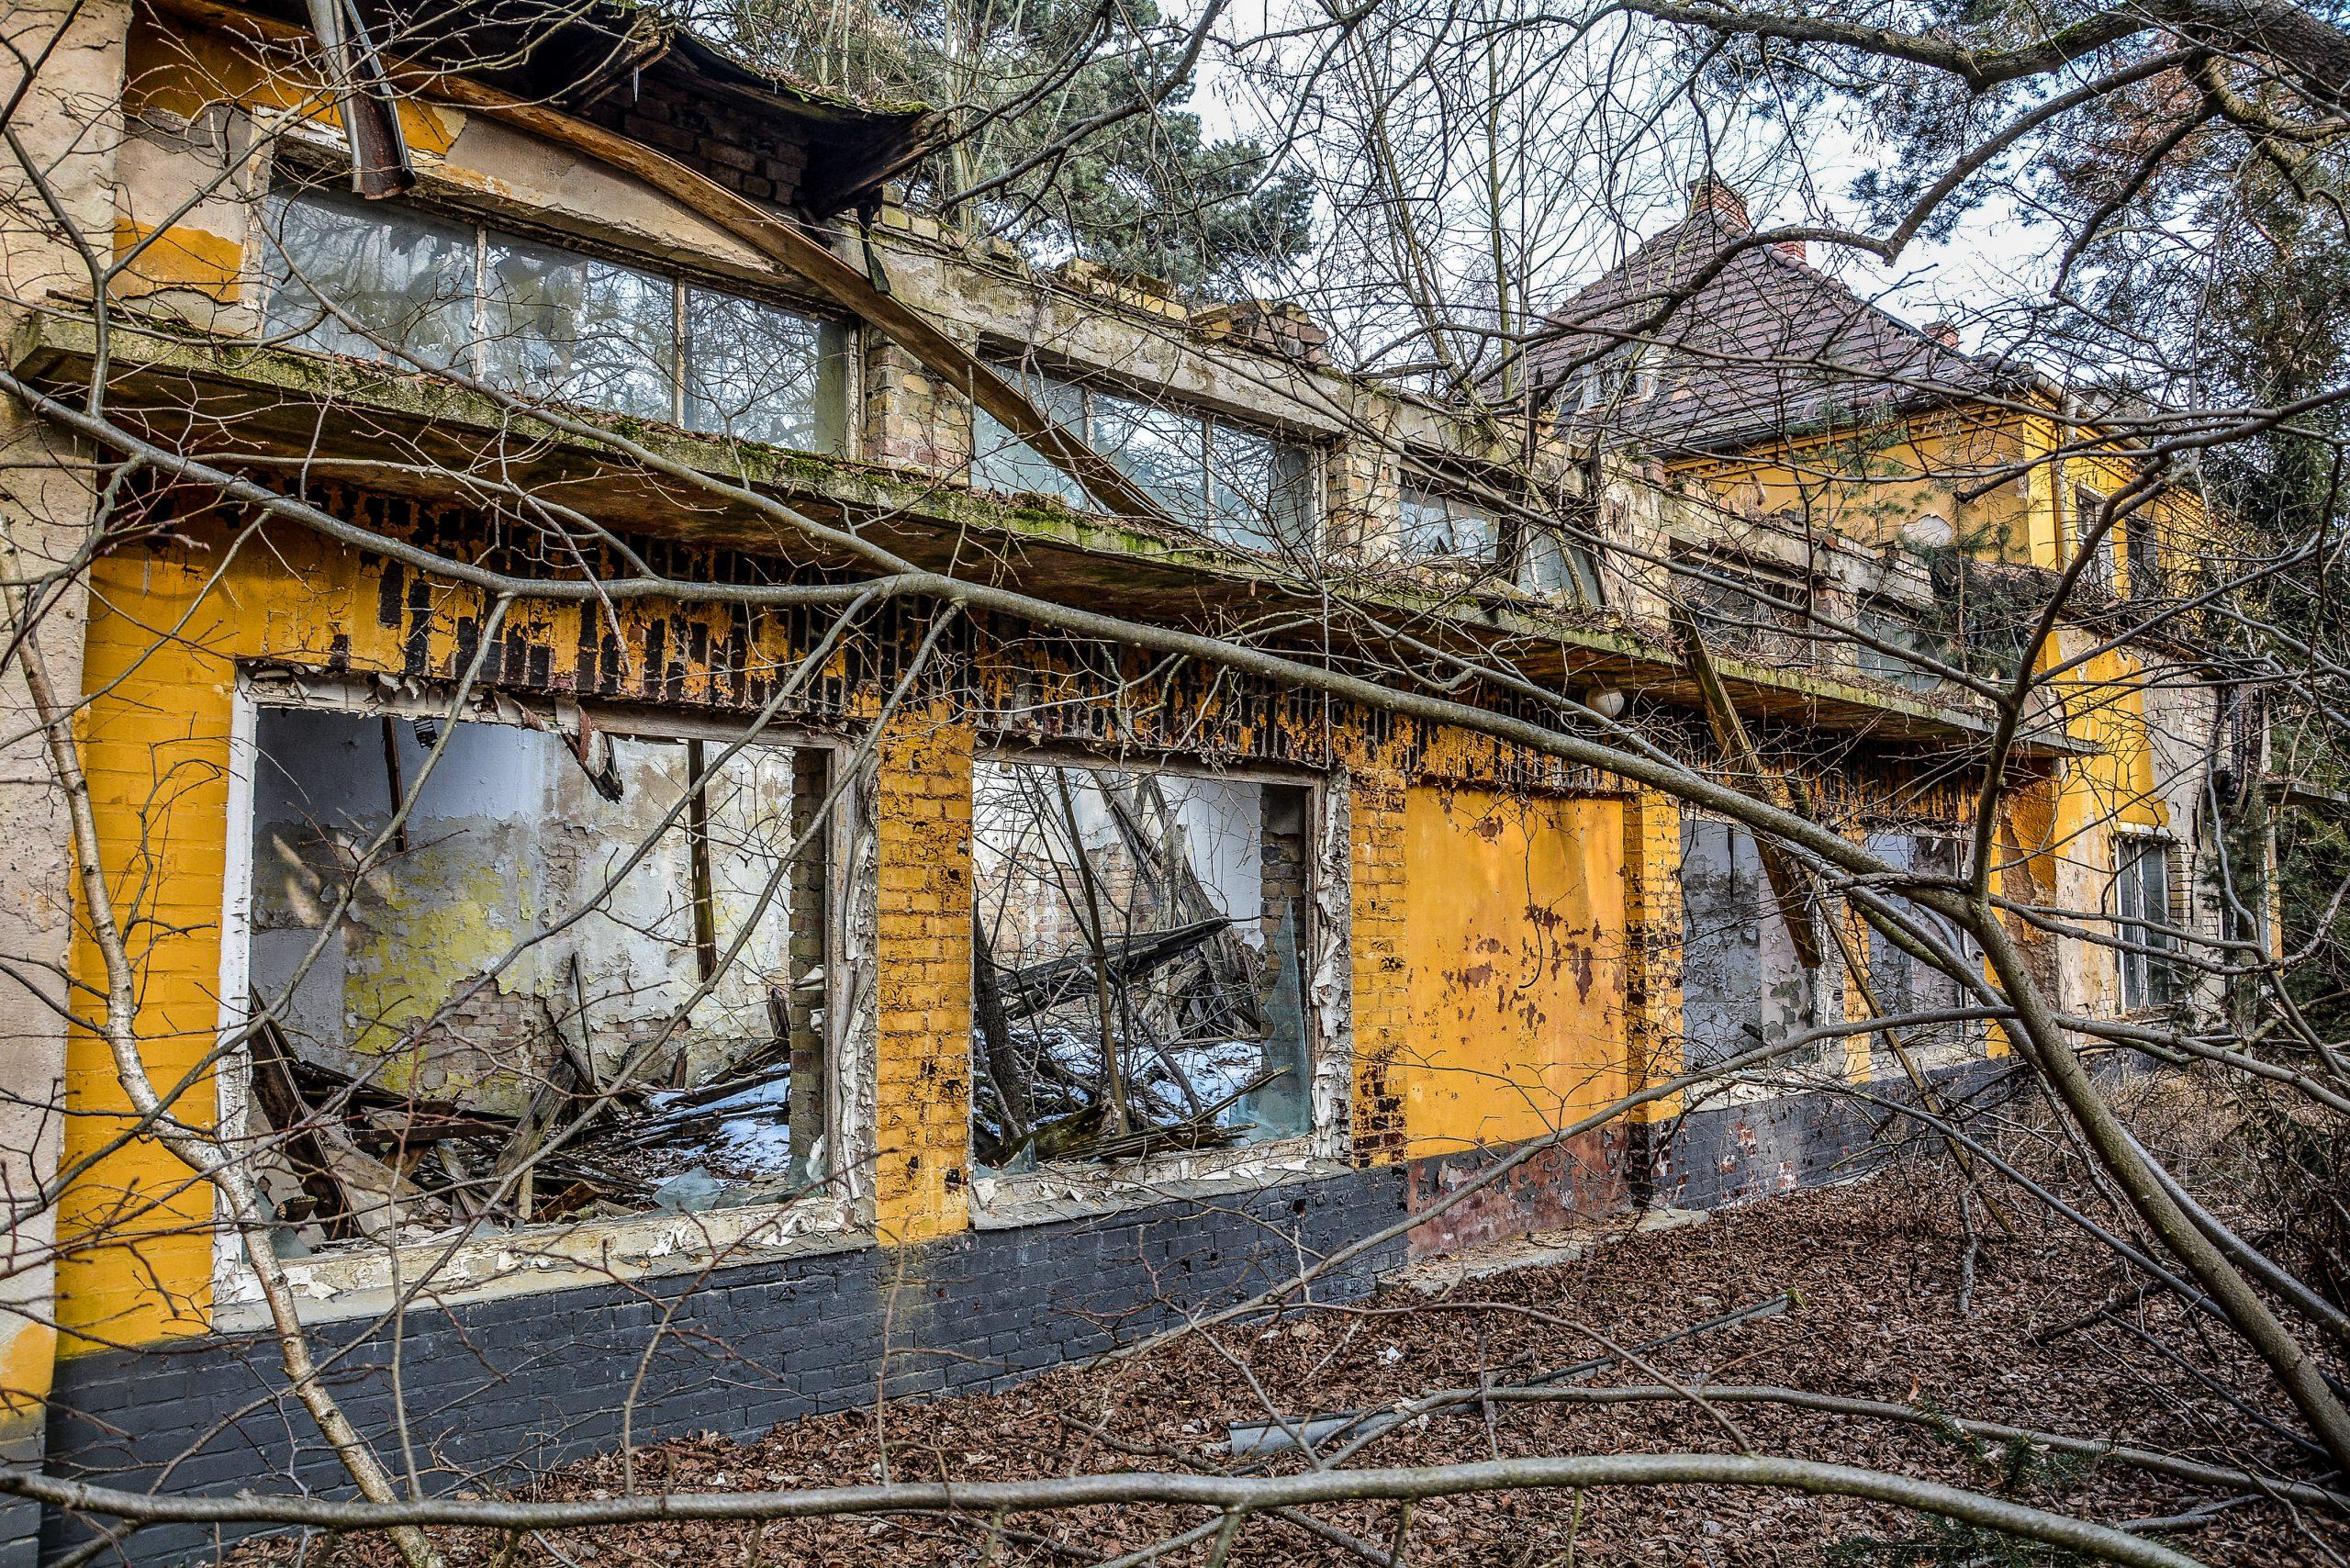 collapsed roof kaputes dach forst zinna adolf hitler lager luckenwalde juterbog sowjet kaserne soviet military barracks germany lost places urbex abandoned